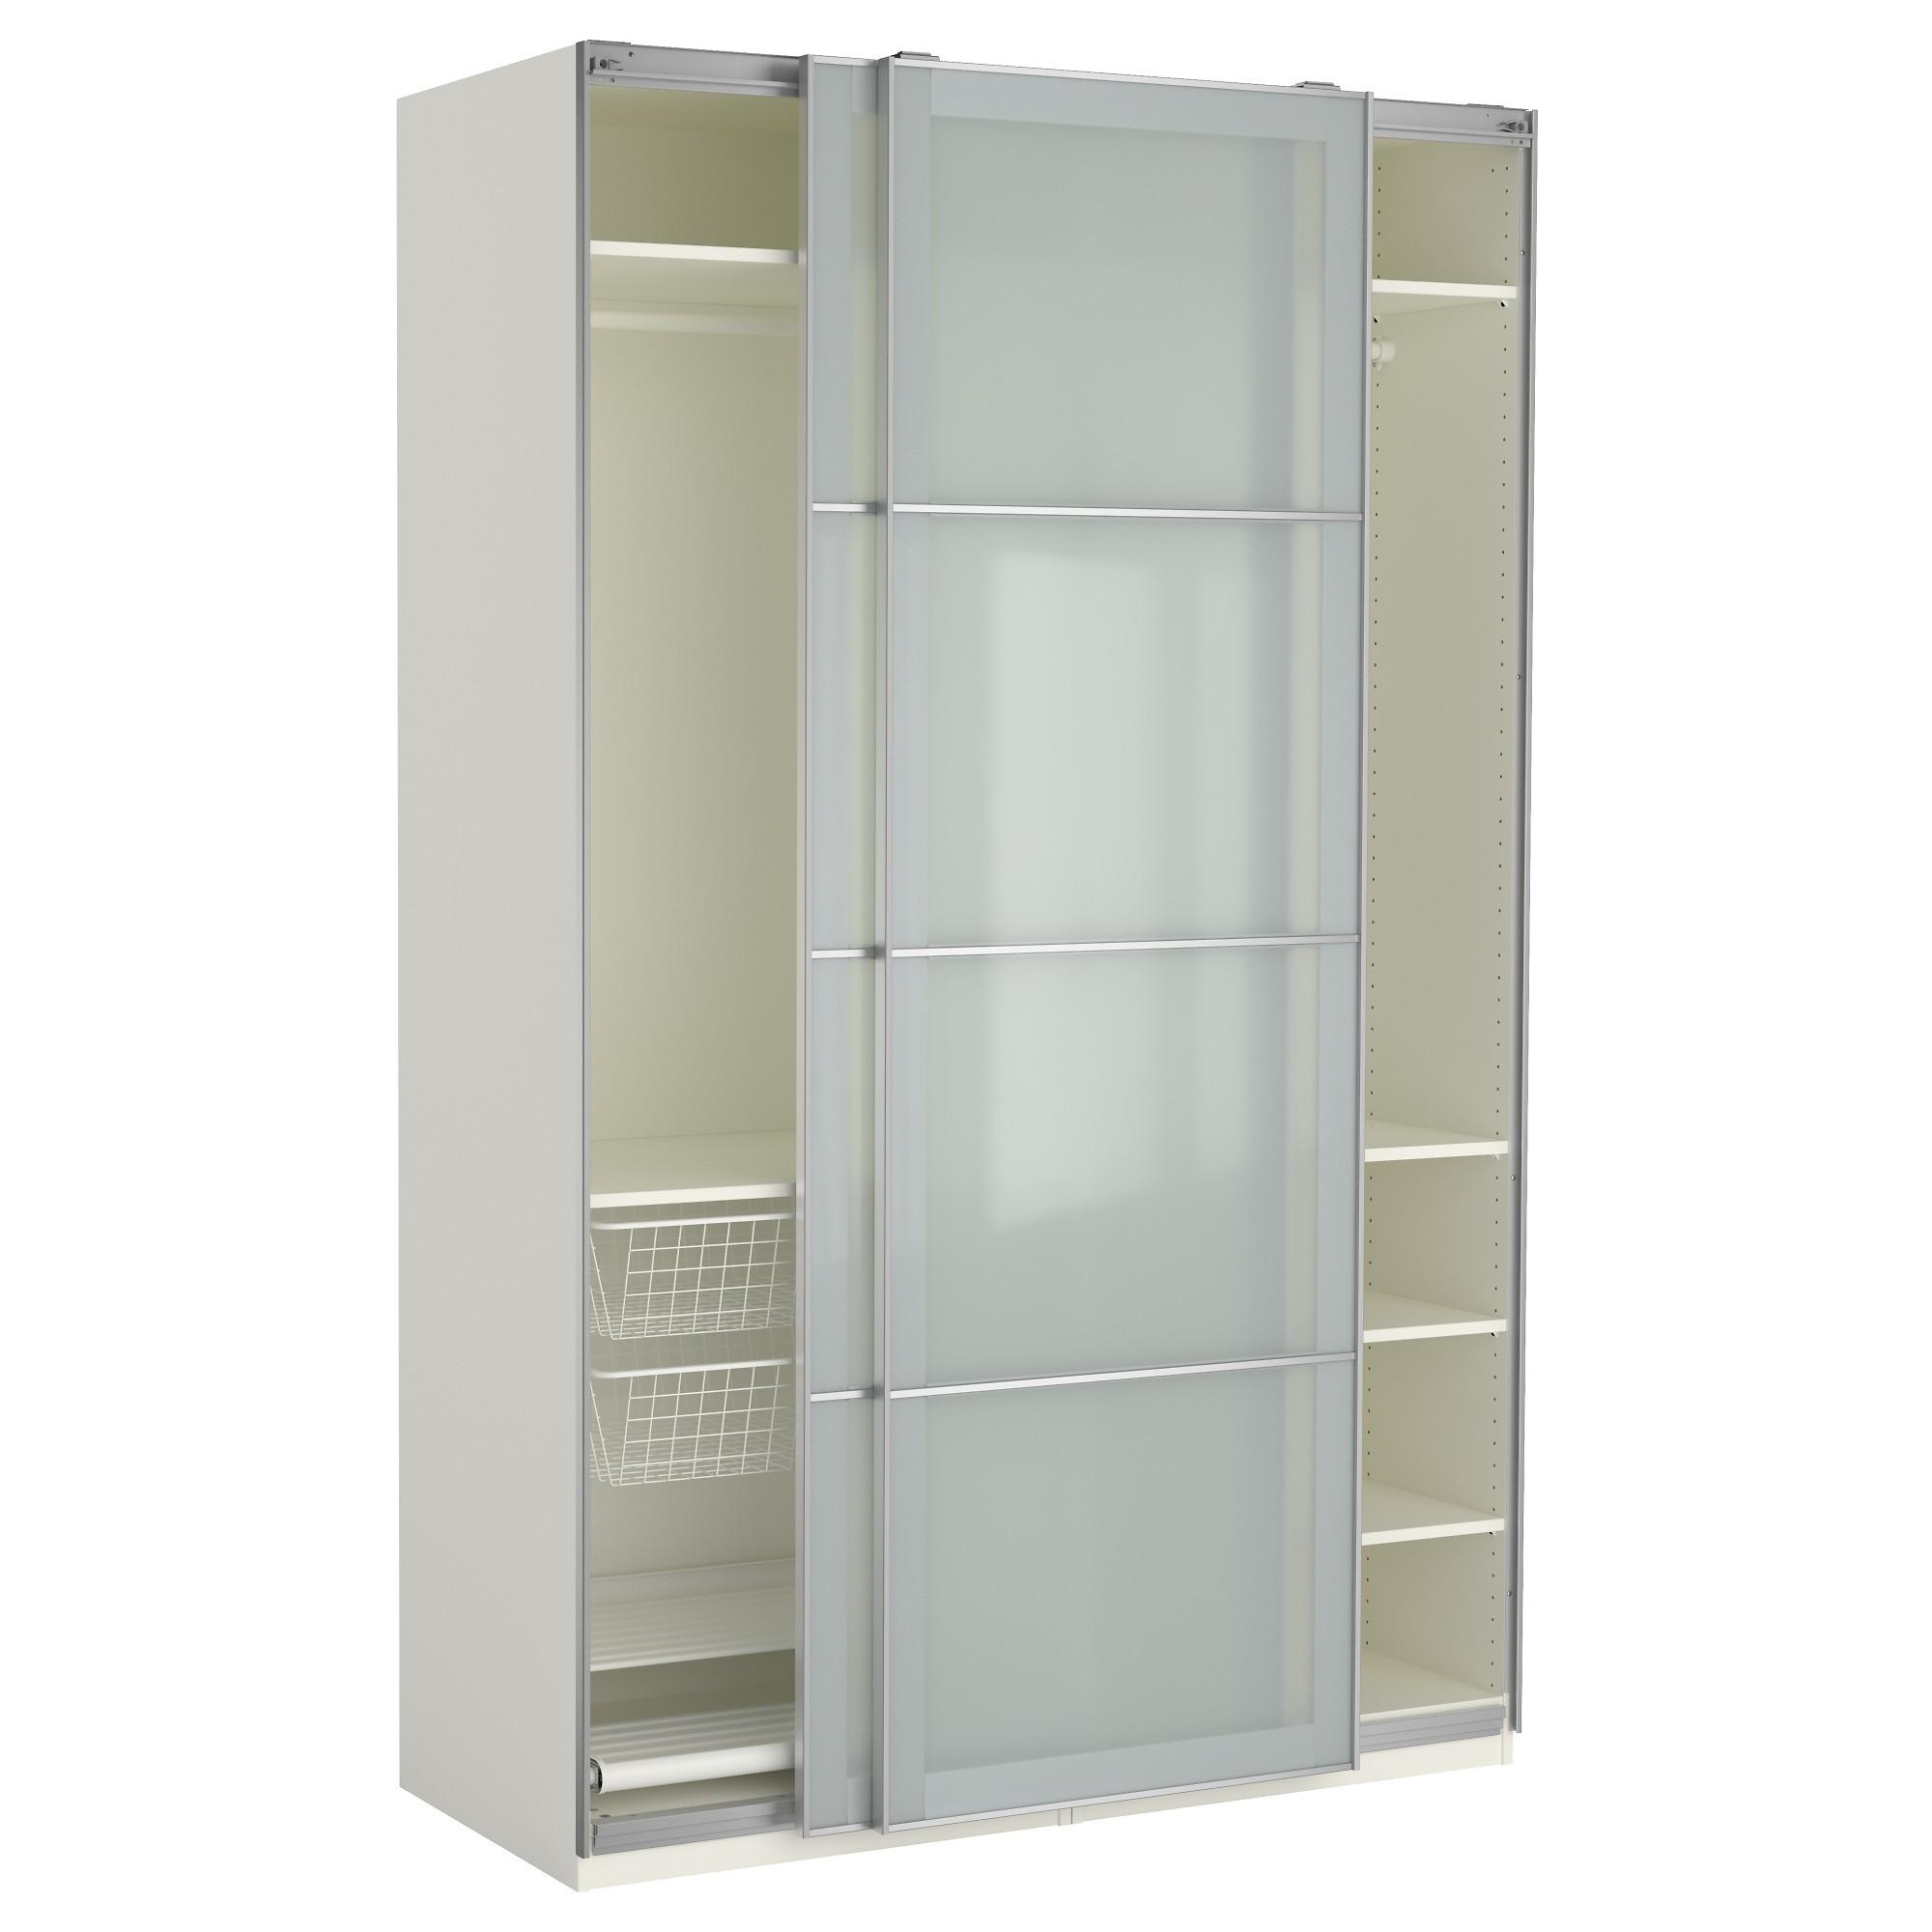 Armoire profondeur 30 cm ikea armoire id es de for Profondeur armoire cuisine